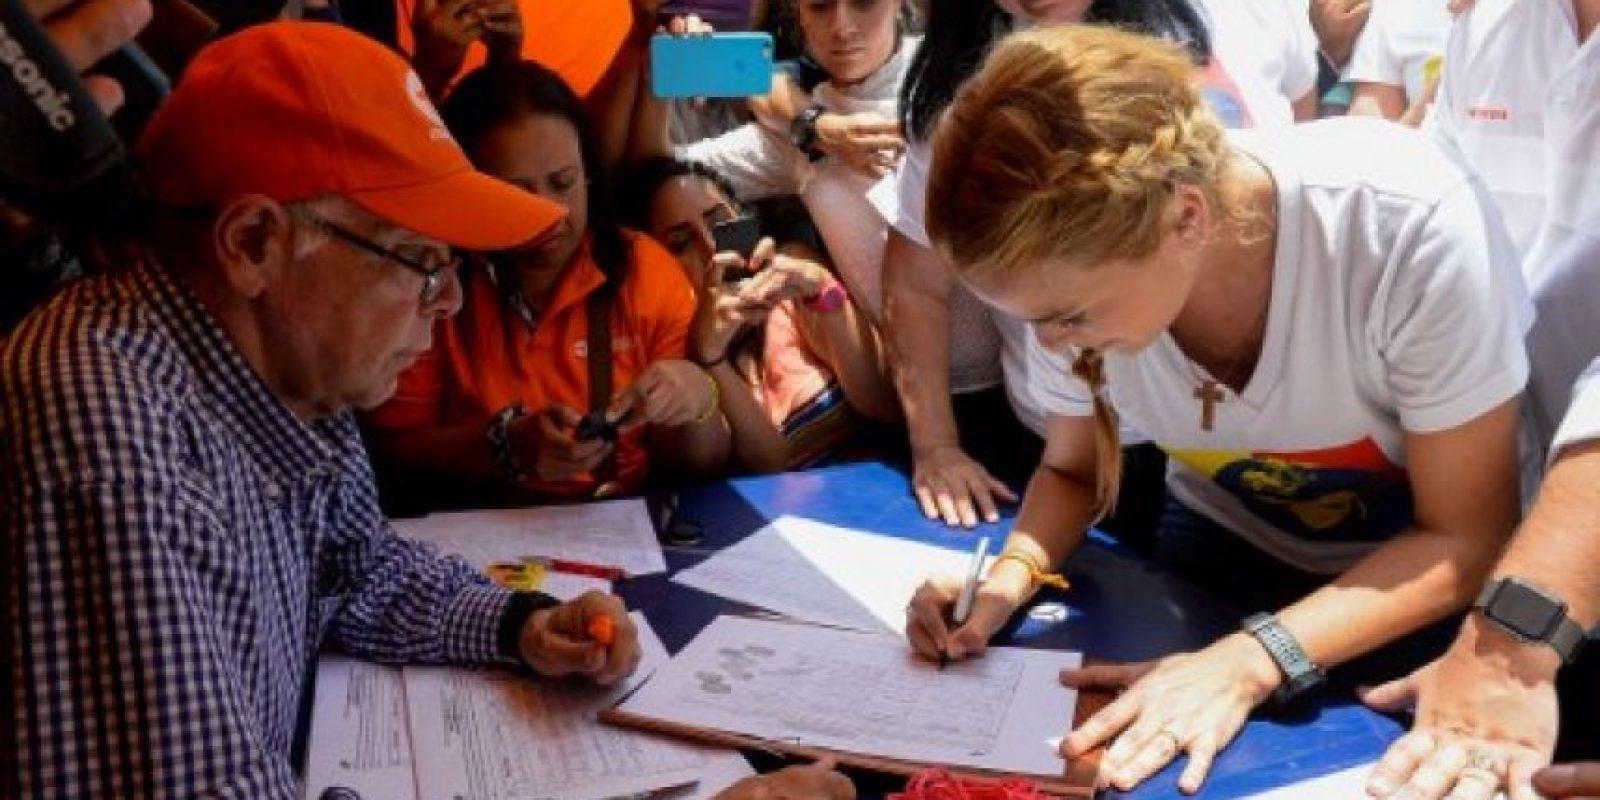 Desde el miércoles 27 de abril, la coalición opositora Mesa de la Unidad Democrática, comenzó a recaudar firmas para iniciar el proceso revocatorio. Foto:AFP